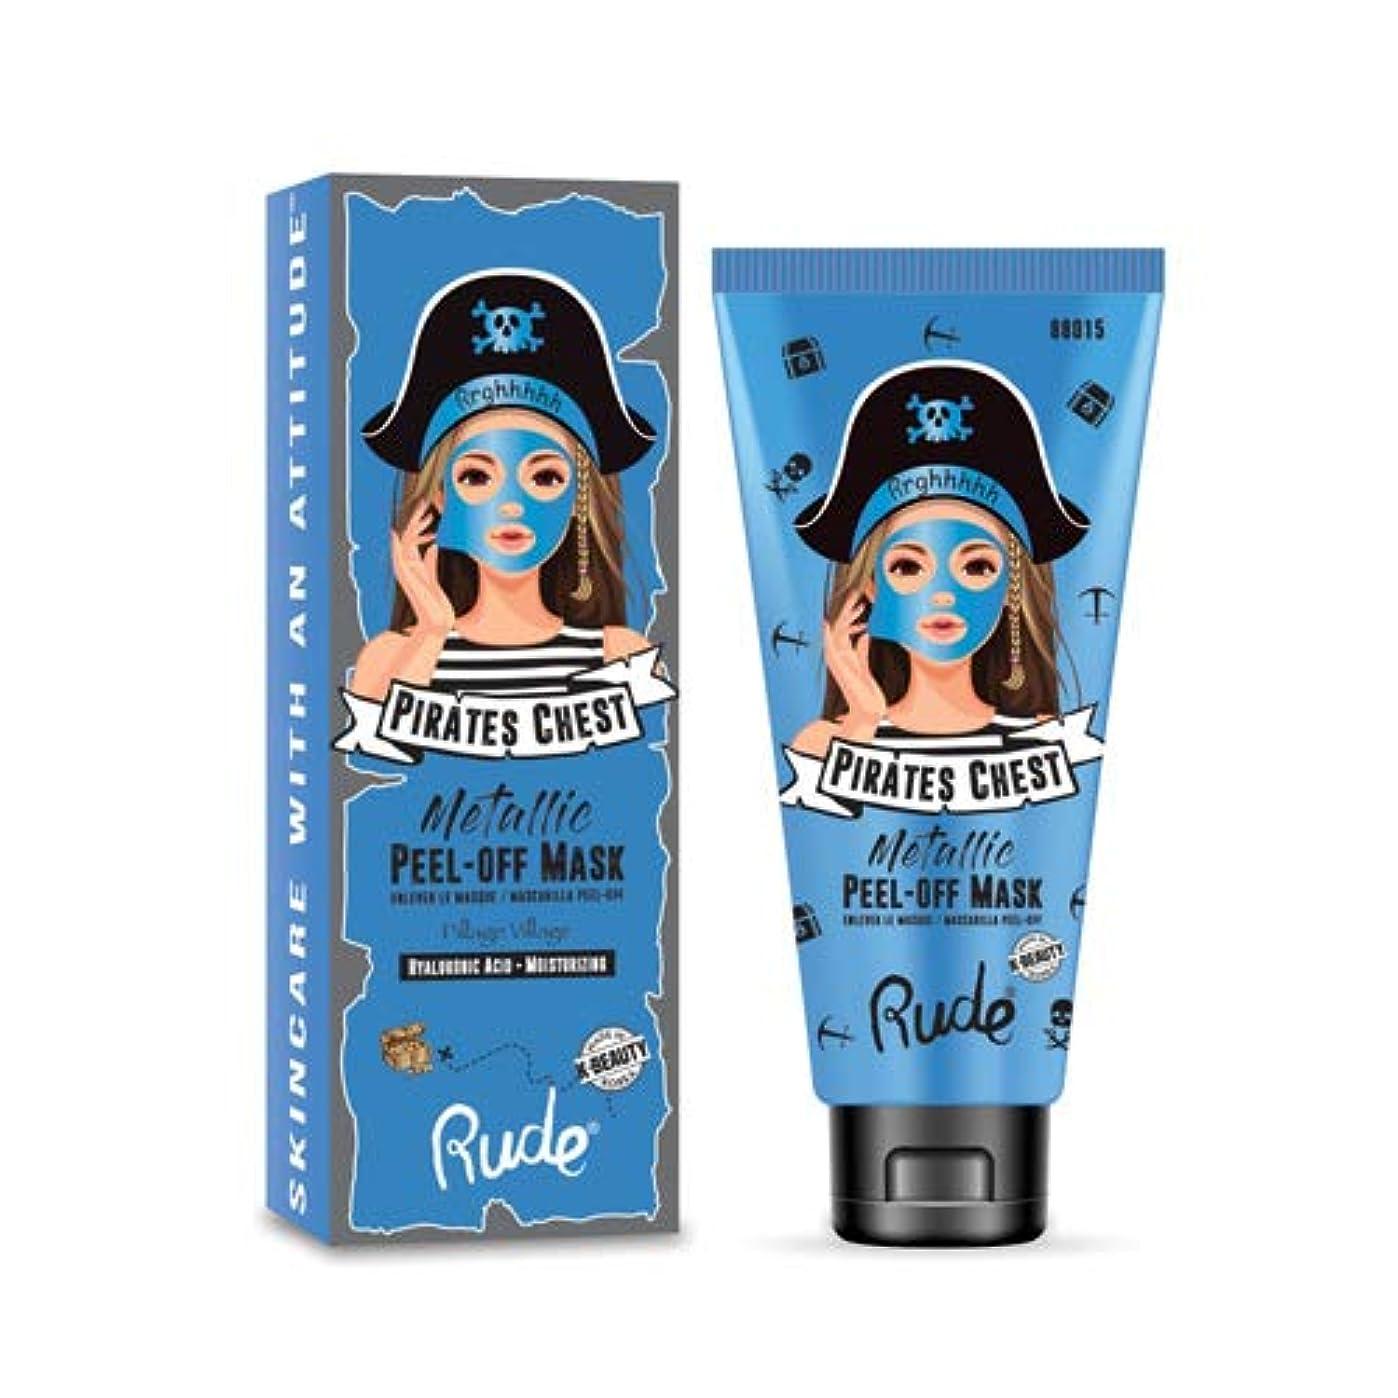 浴兵隊はがき(6 Pack) RUDE? Pirate's Chest Metallic Peel-off Mask - Pillage Village (並行輸入品)